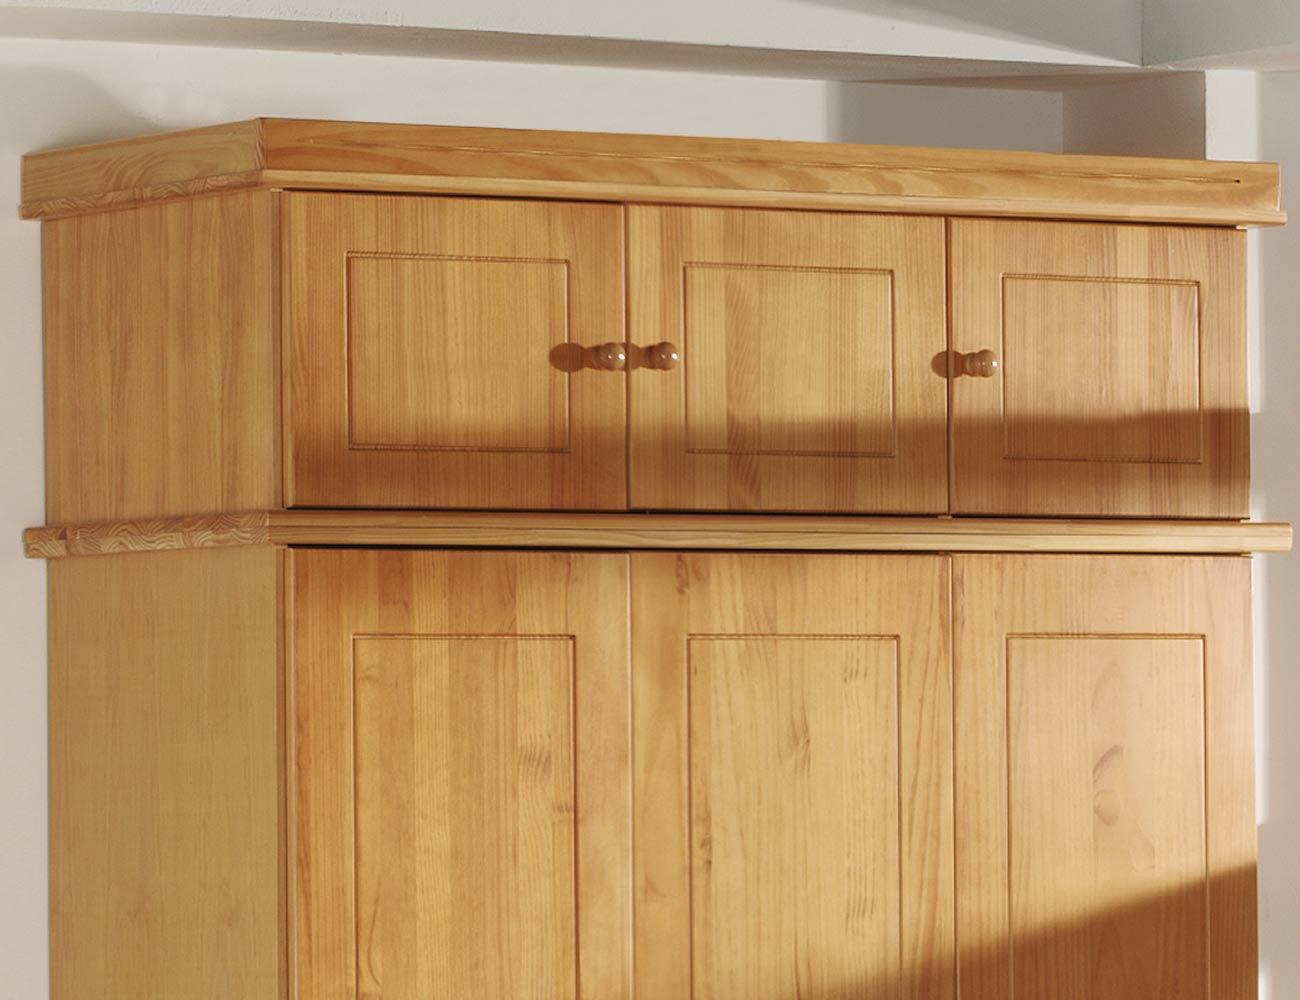 Armario 3 puertas en madera y en color miel (8077) | Factory del ...